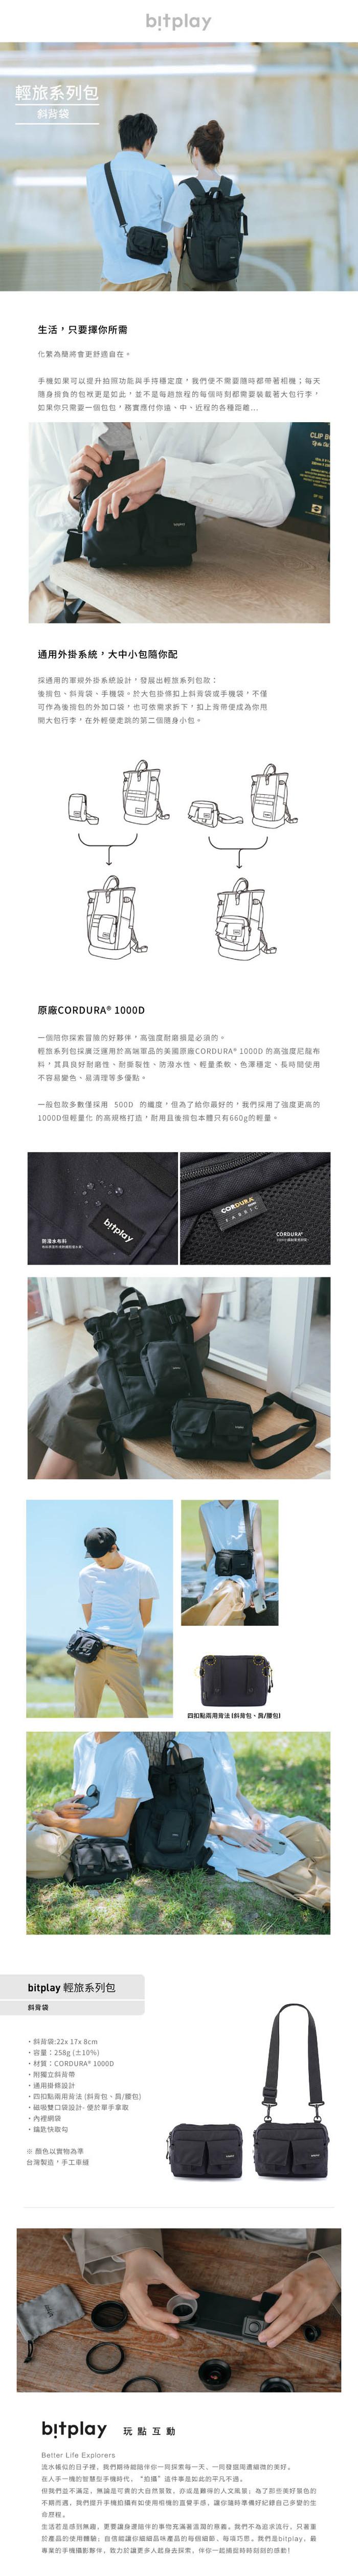 (複製)bitplay| 輕旅包 手機袋 (黑標)